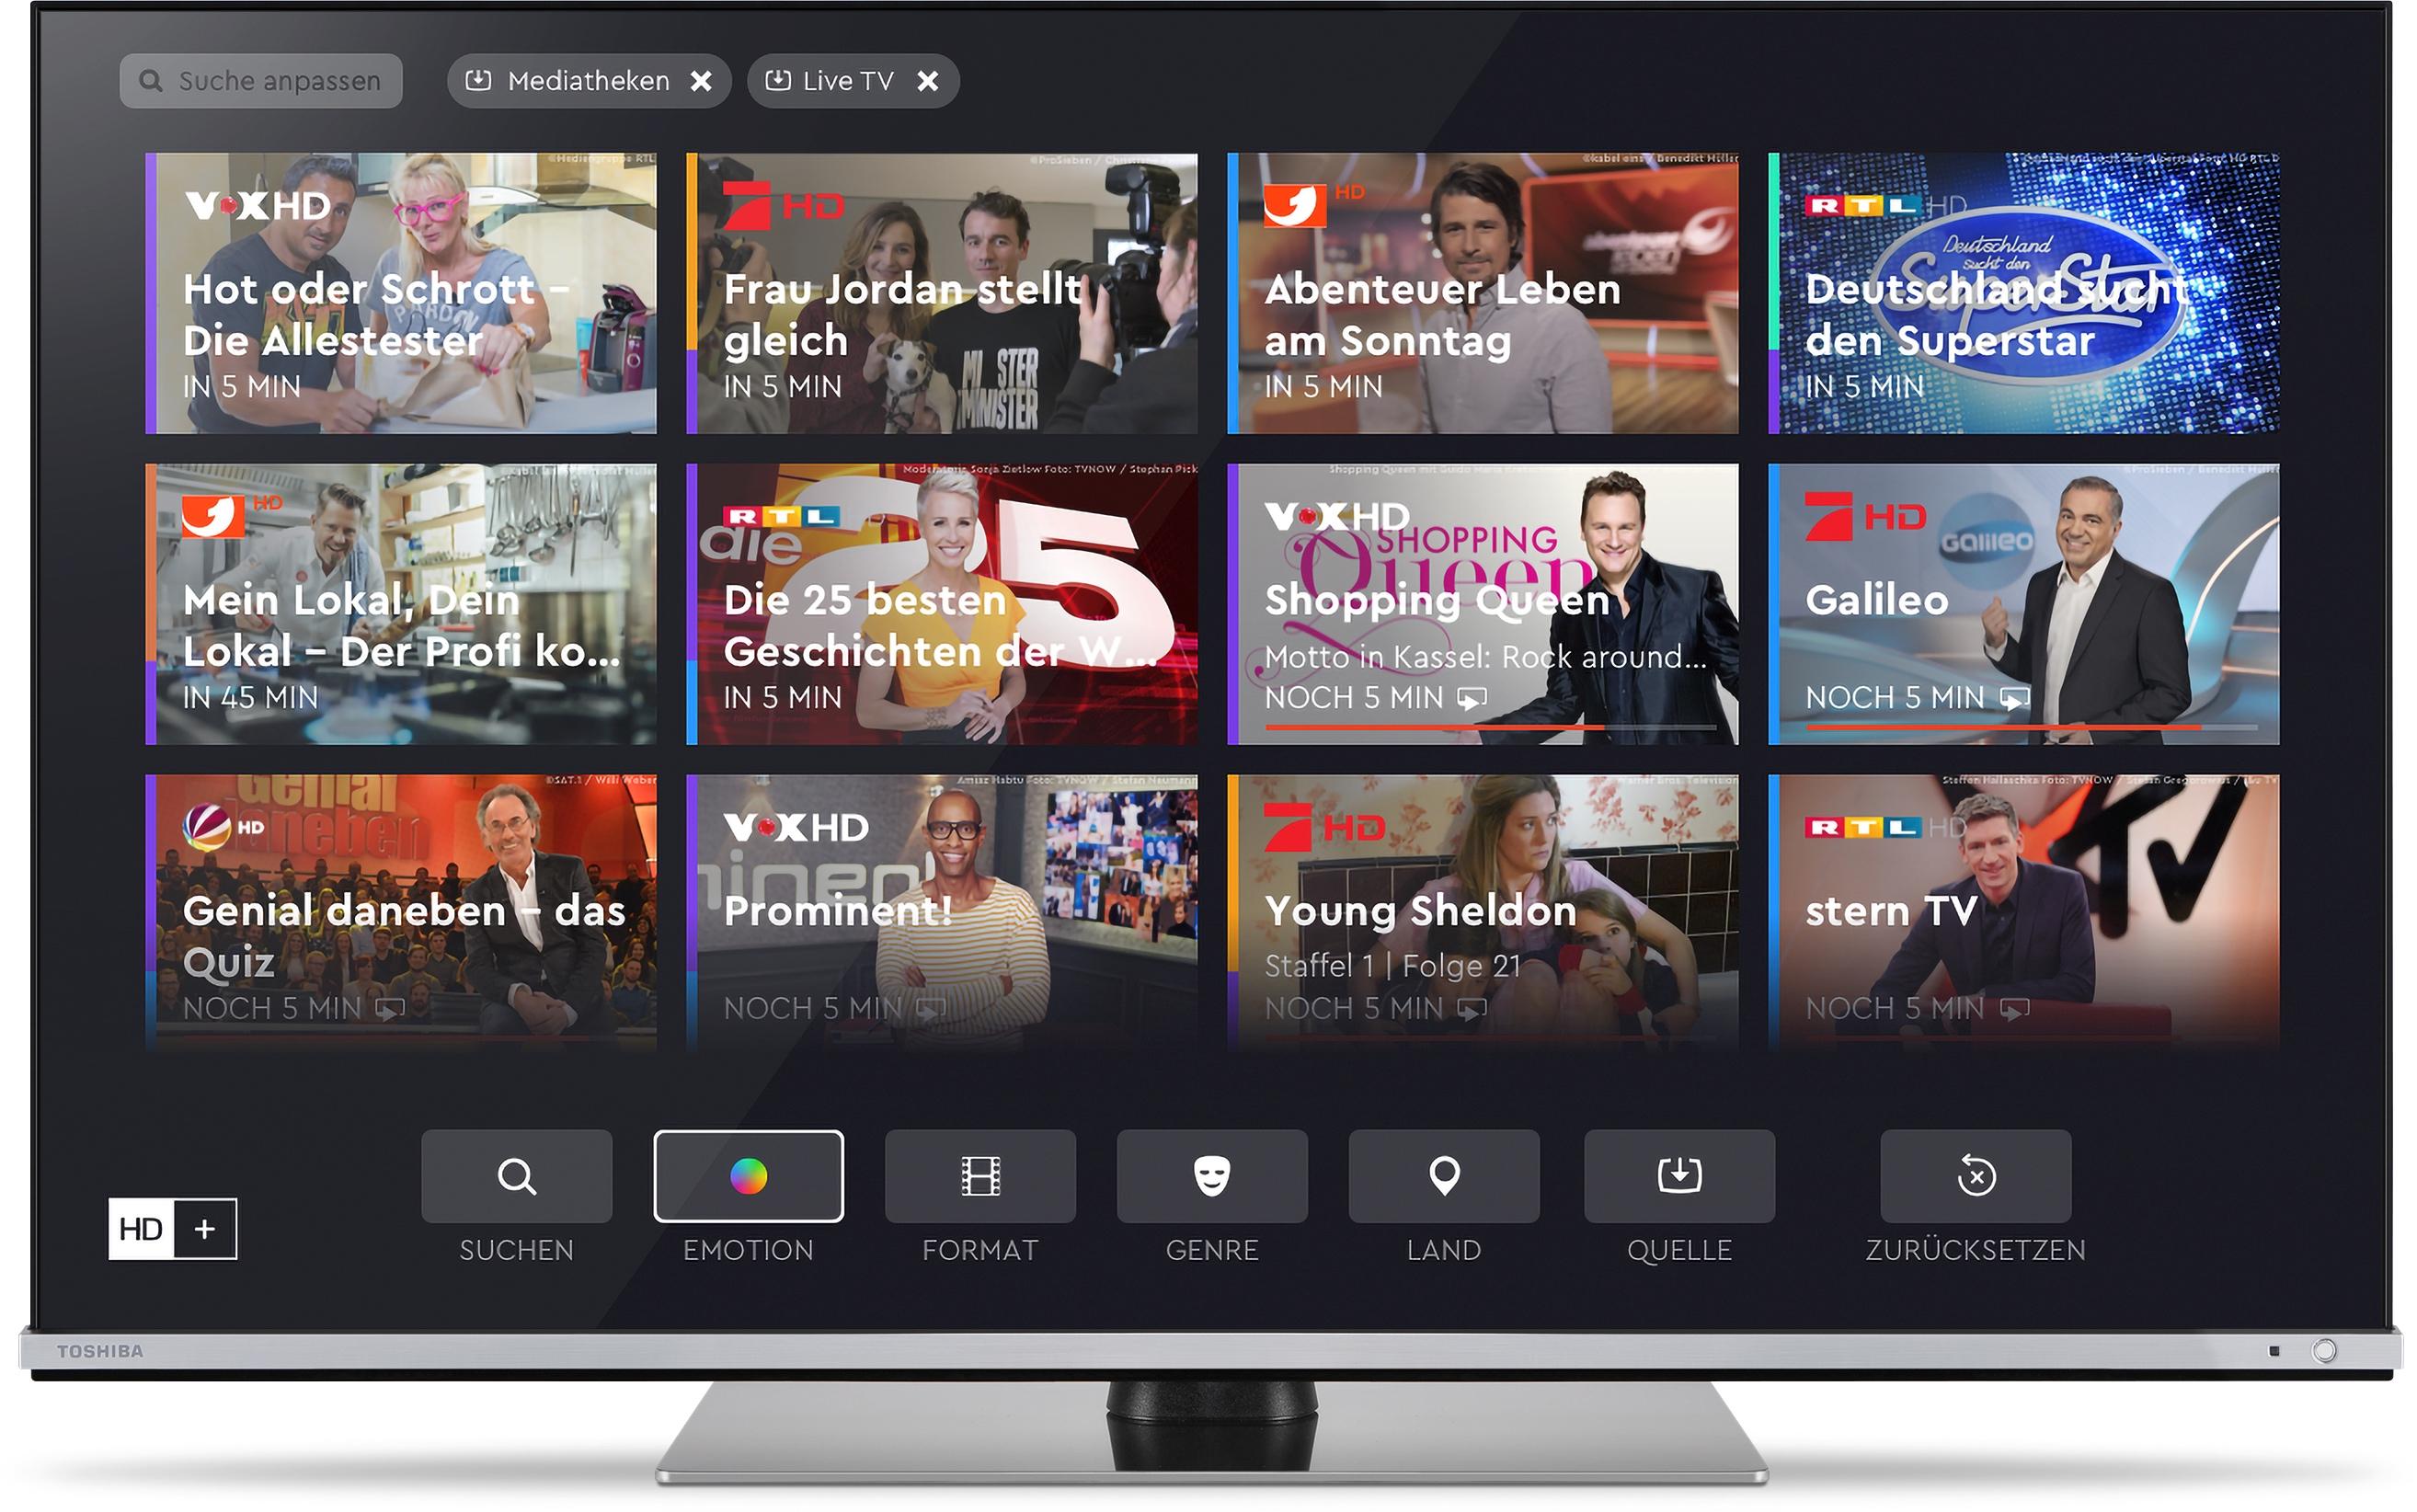 Vestel erweitert Kooperation mit HD+